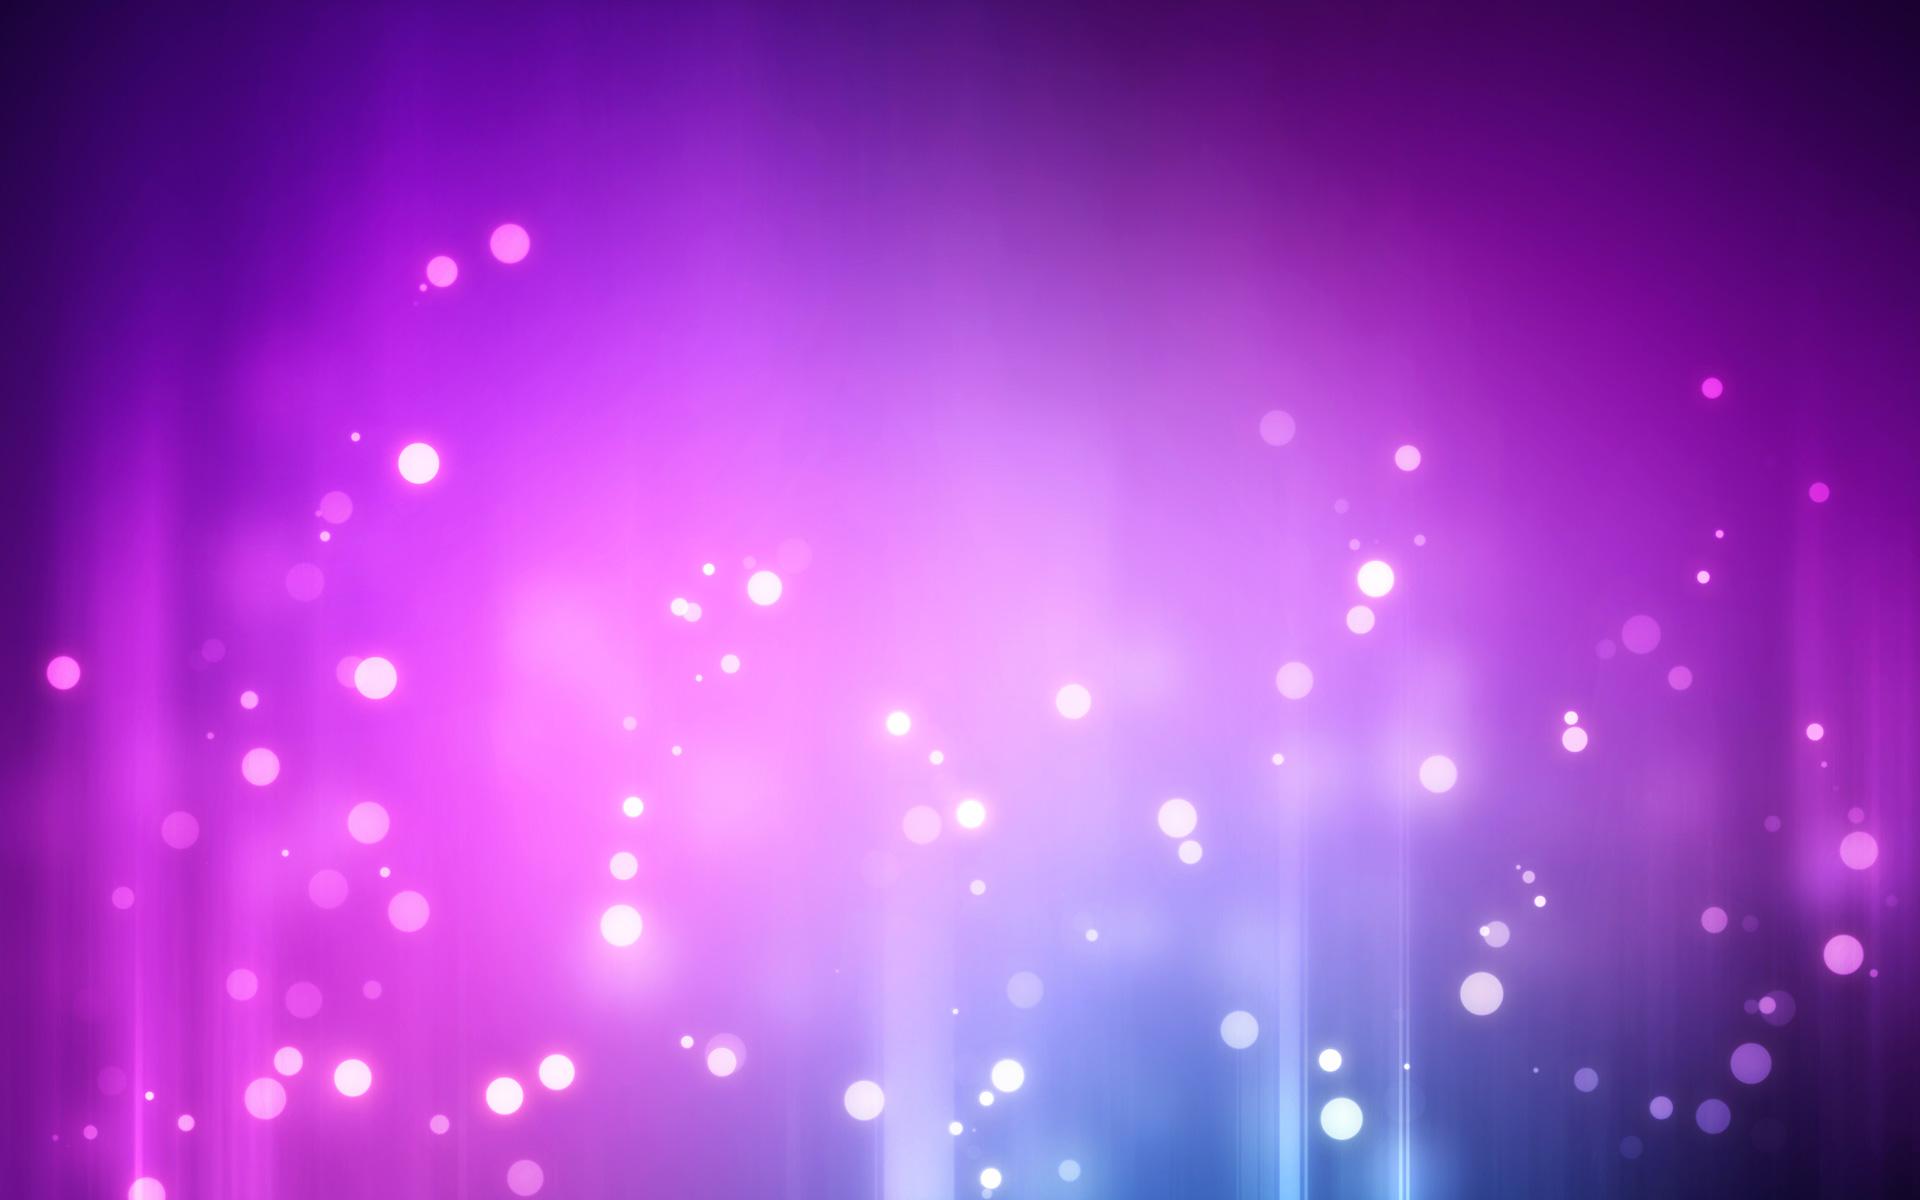 purple_color_flow-wide